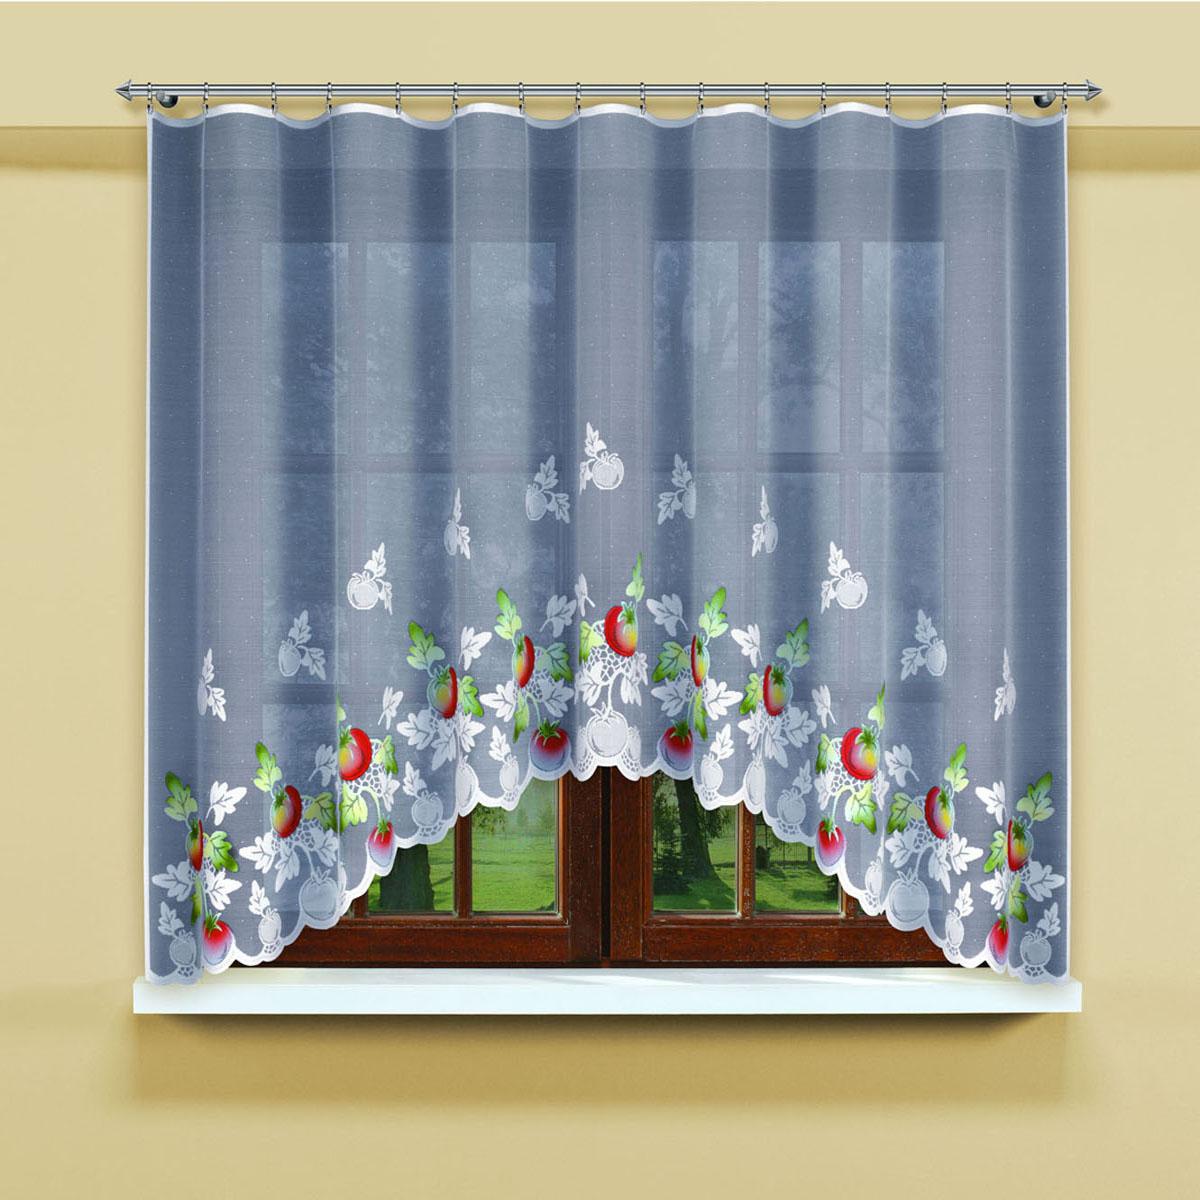 Гардина Haft, цвет: белый, ширина 300 см, высота 160 см. 202690/160202690/160Белая гардина из жаккардовой ткани с крашенным рисунком помидорокРазмеры: высота 160см*ширина 300см